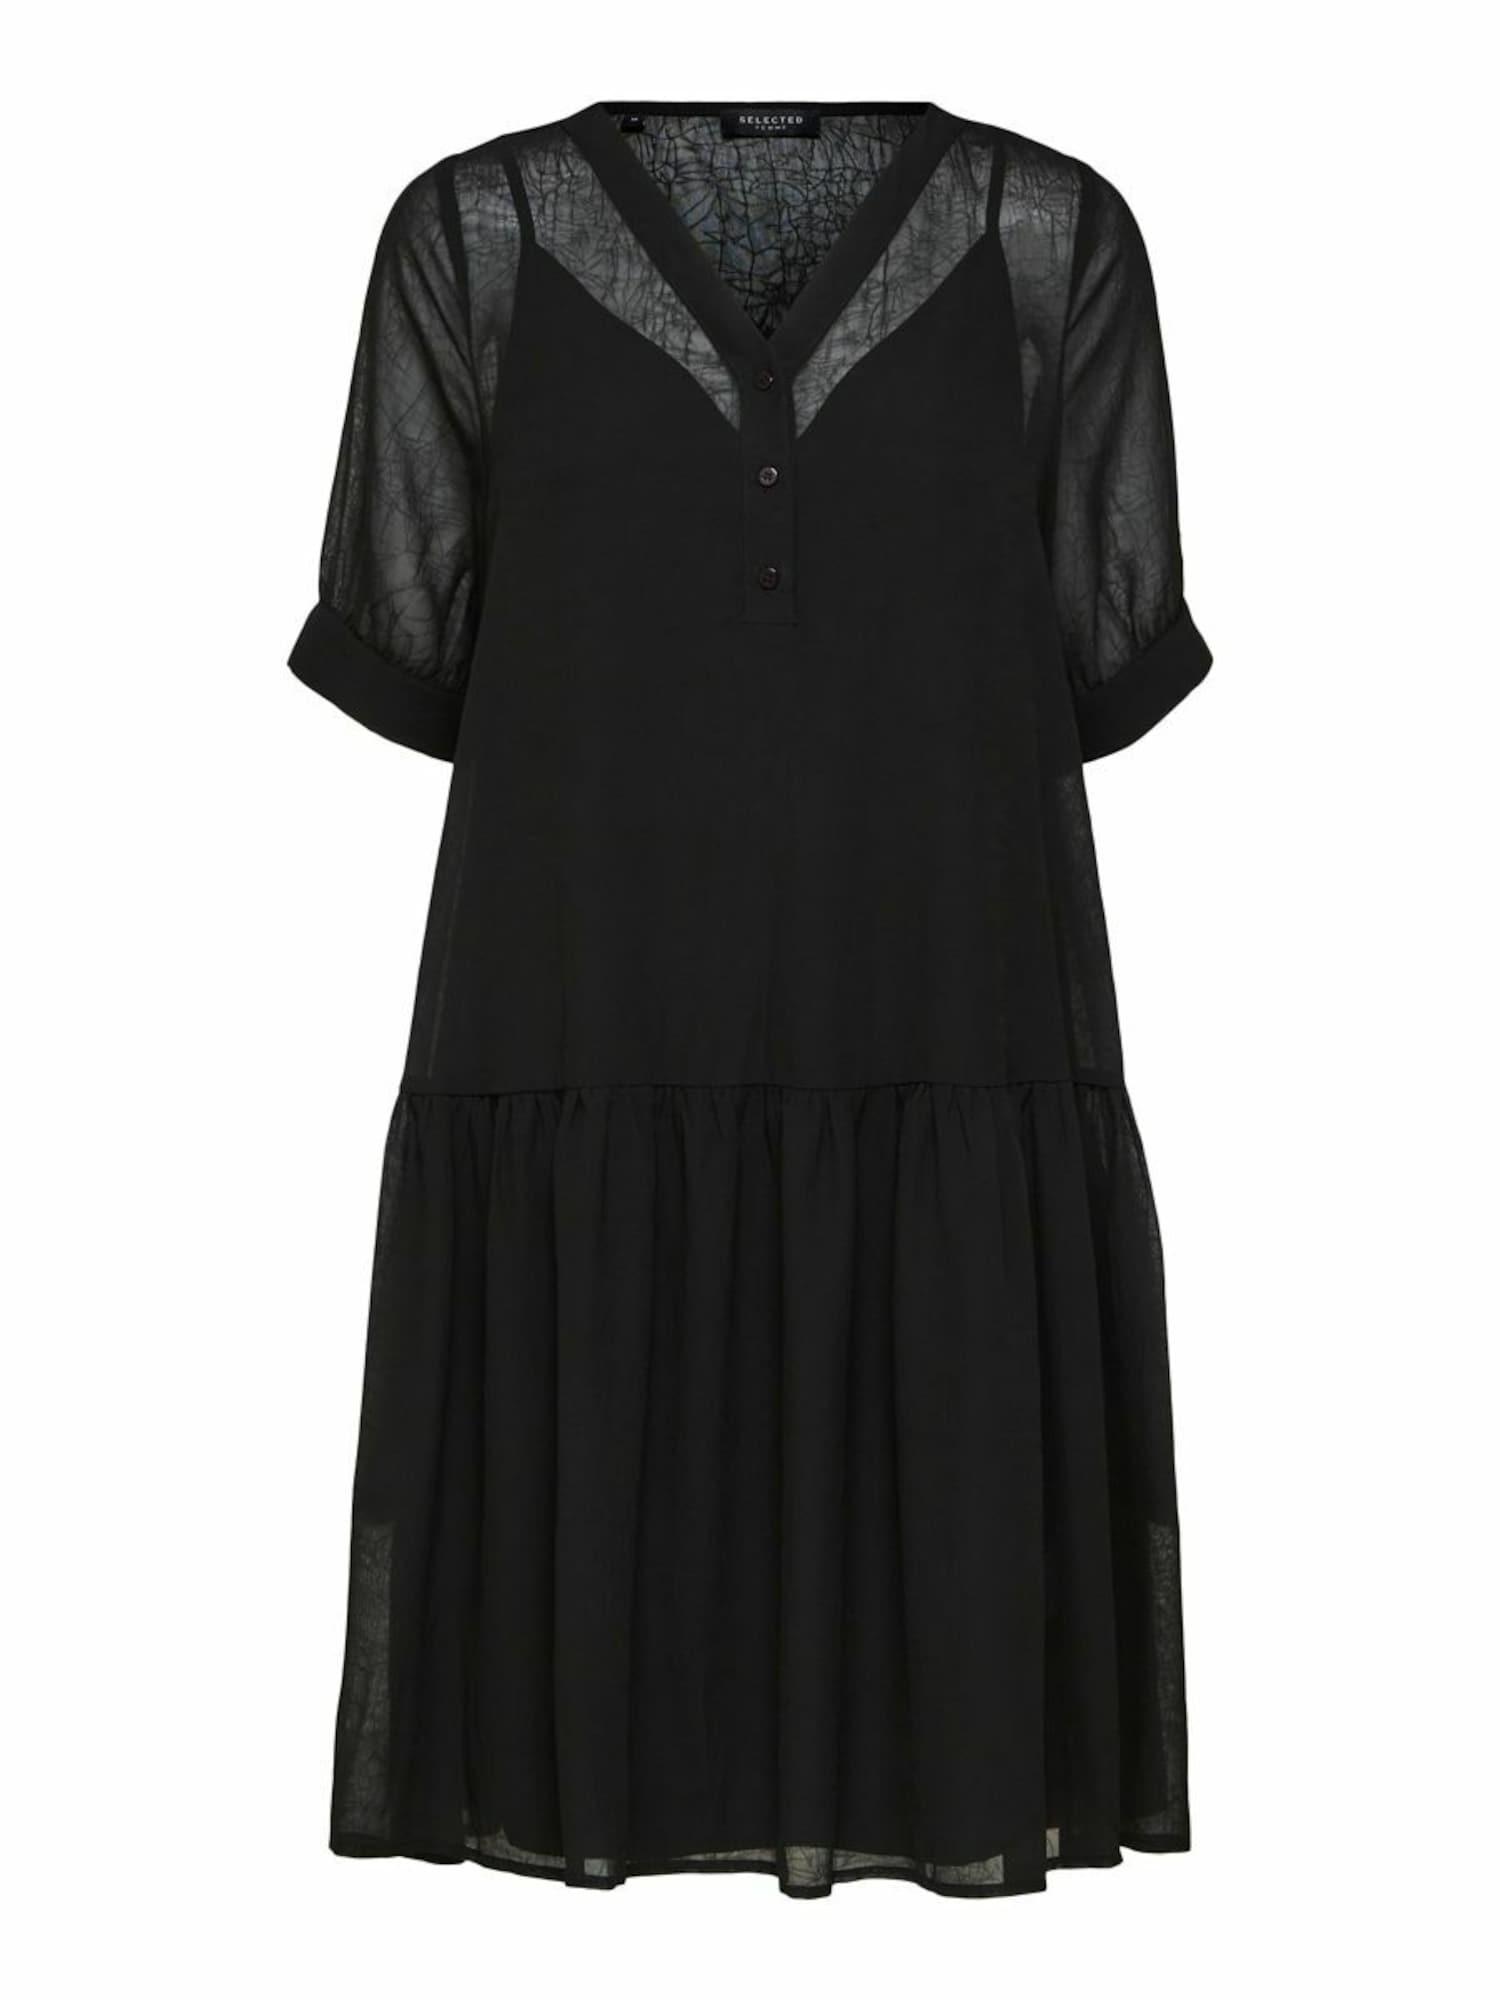 Selected Femme Petite Suknelė juoda